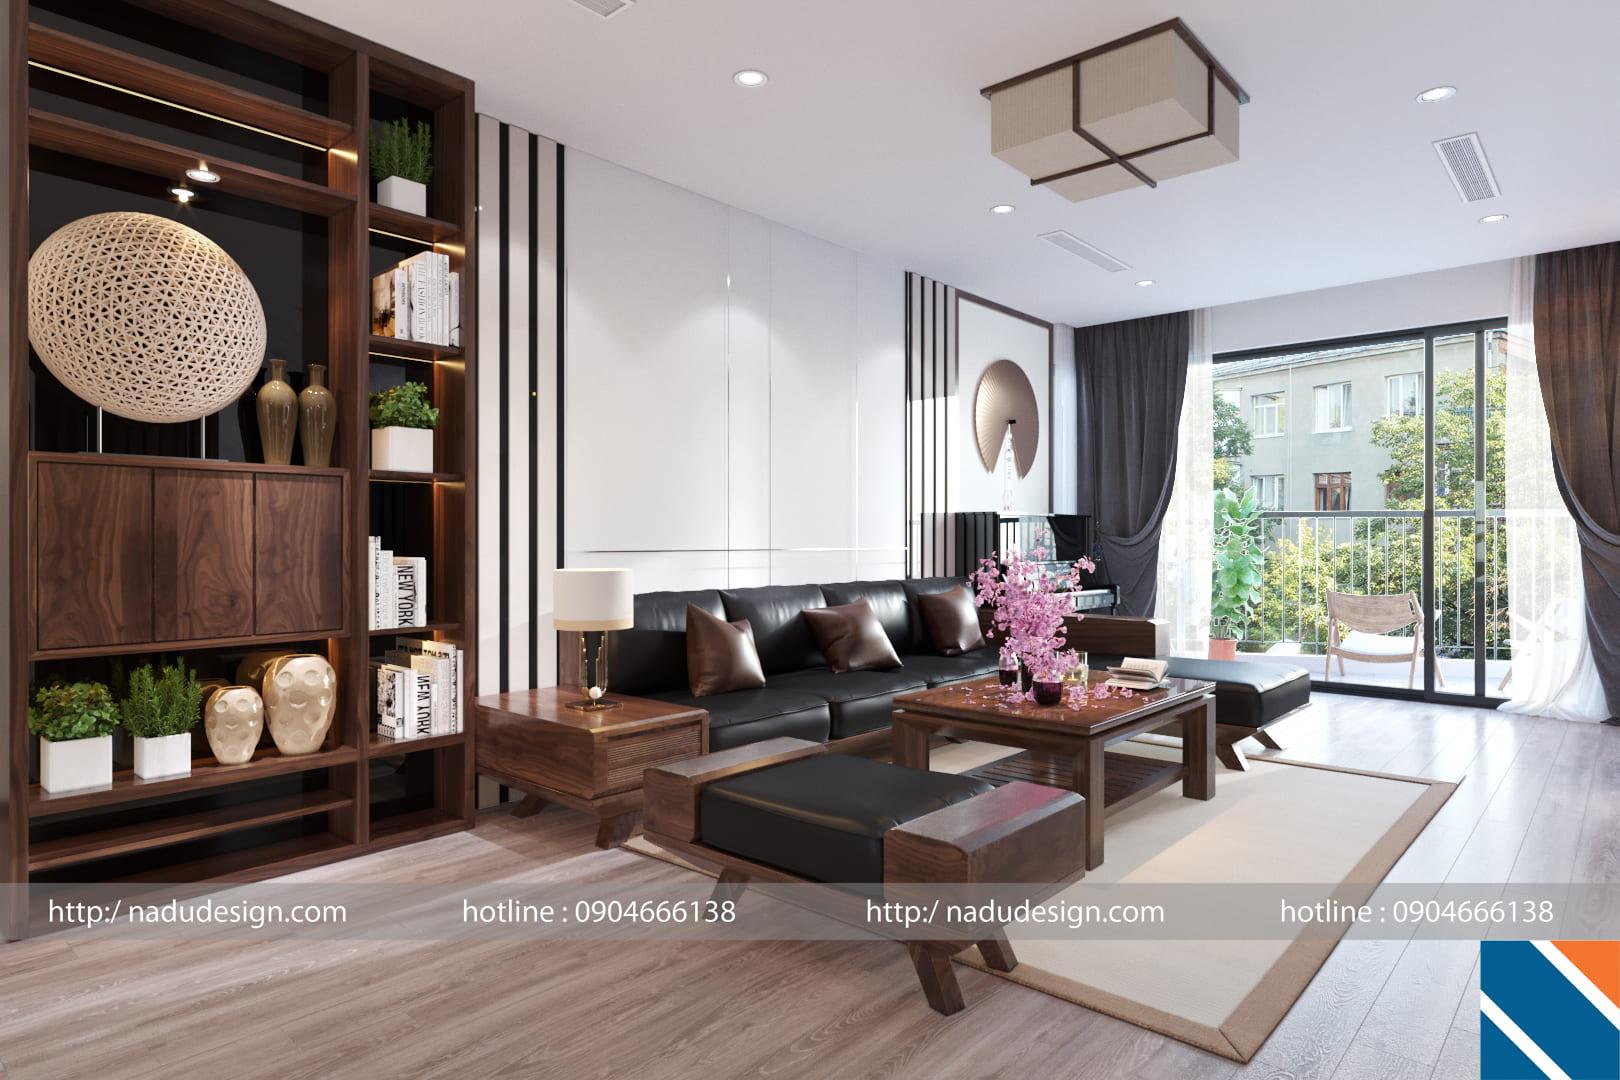 Thiết kế nội thất chung cư phòng khách gia đình chị Thúy